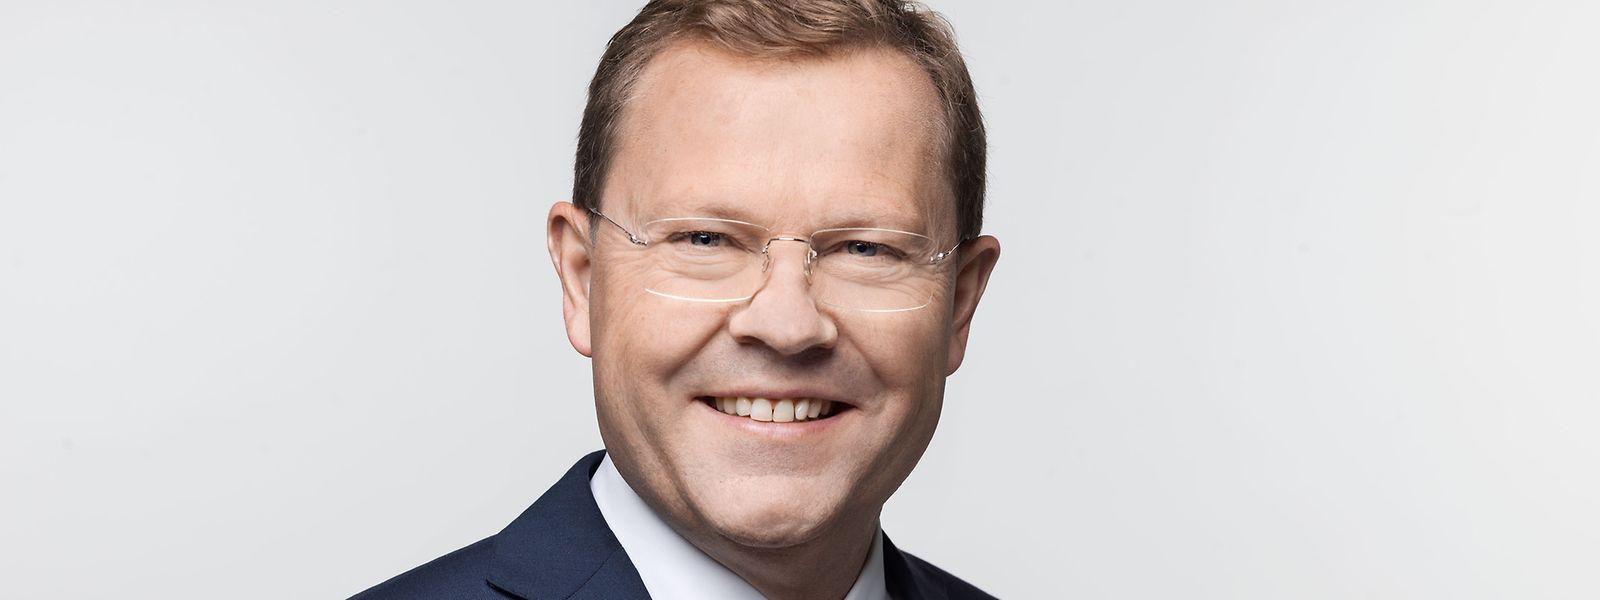 Jürg Zeltner a une longue expérience en banque privée.